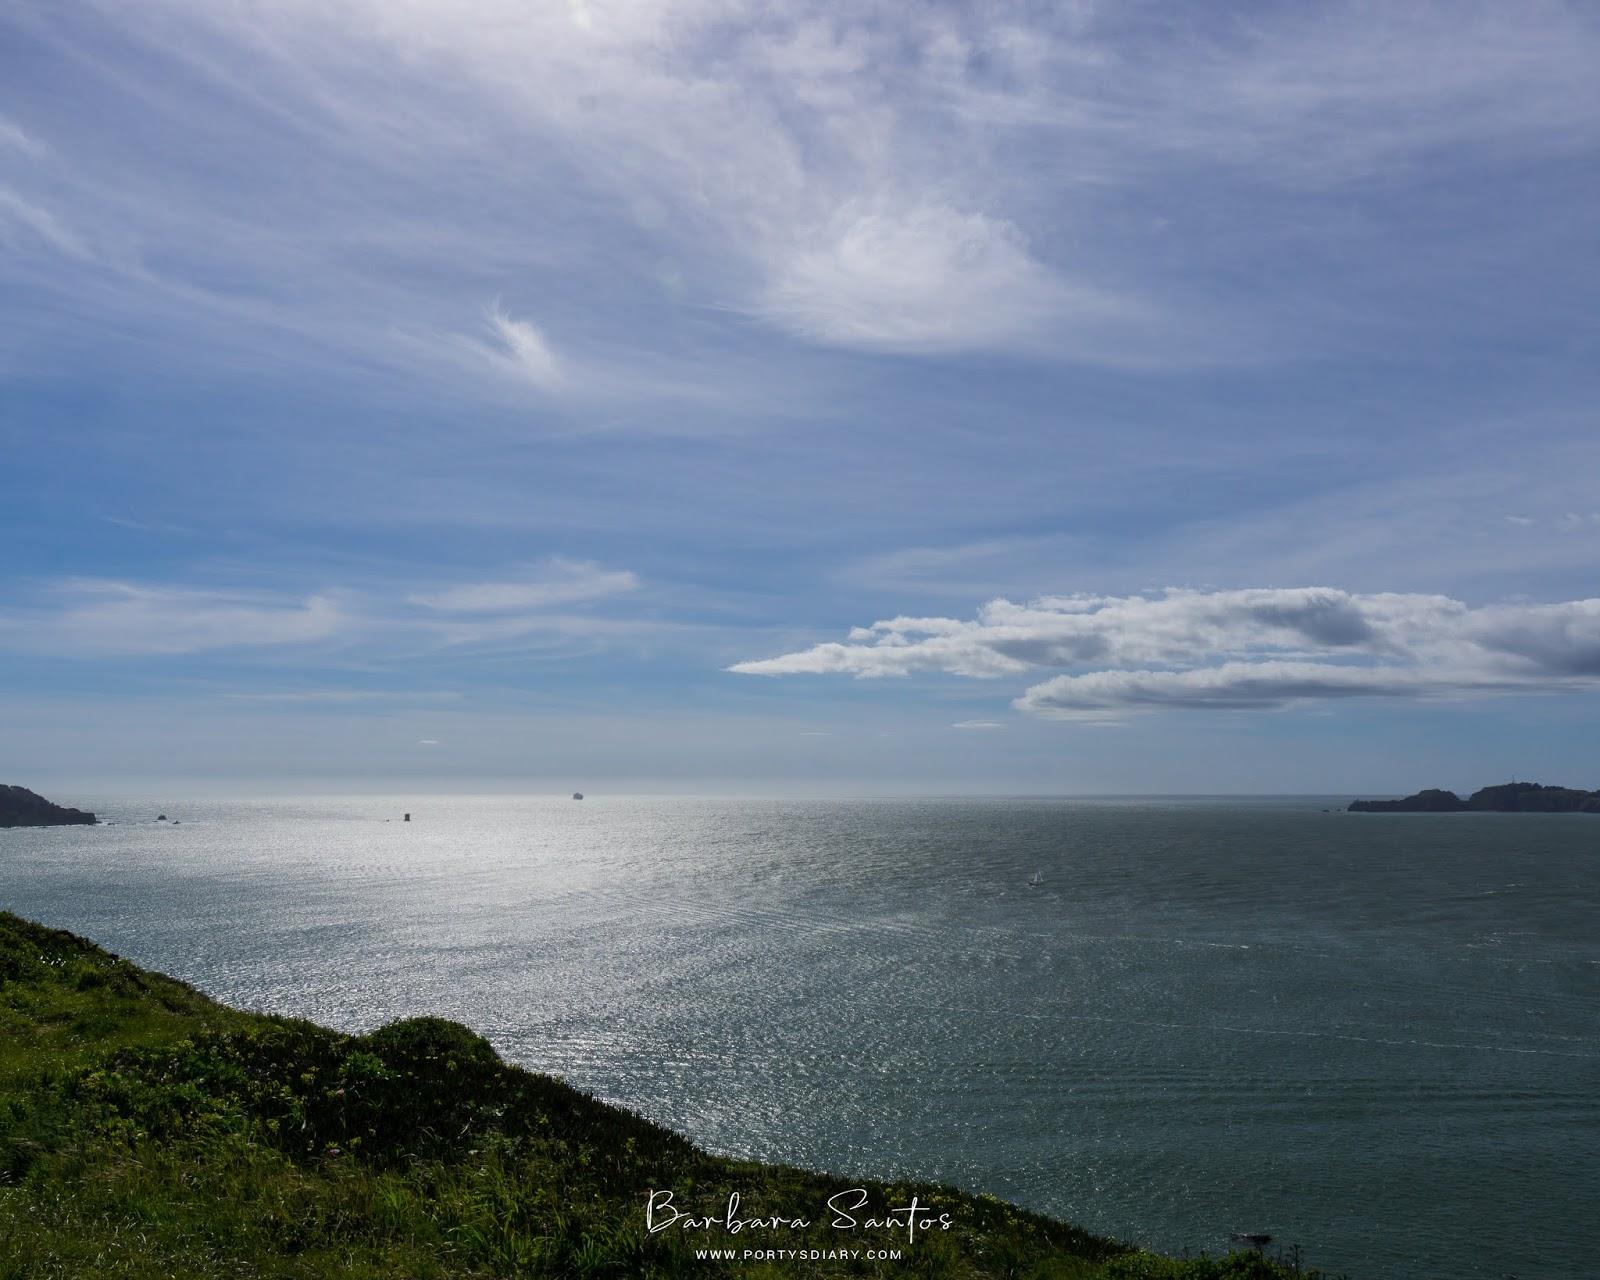 Pacific Ocean - Travel - A week in San Francisco.